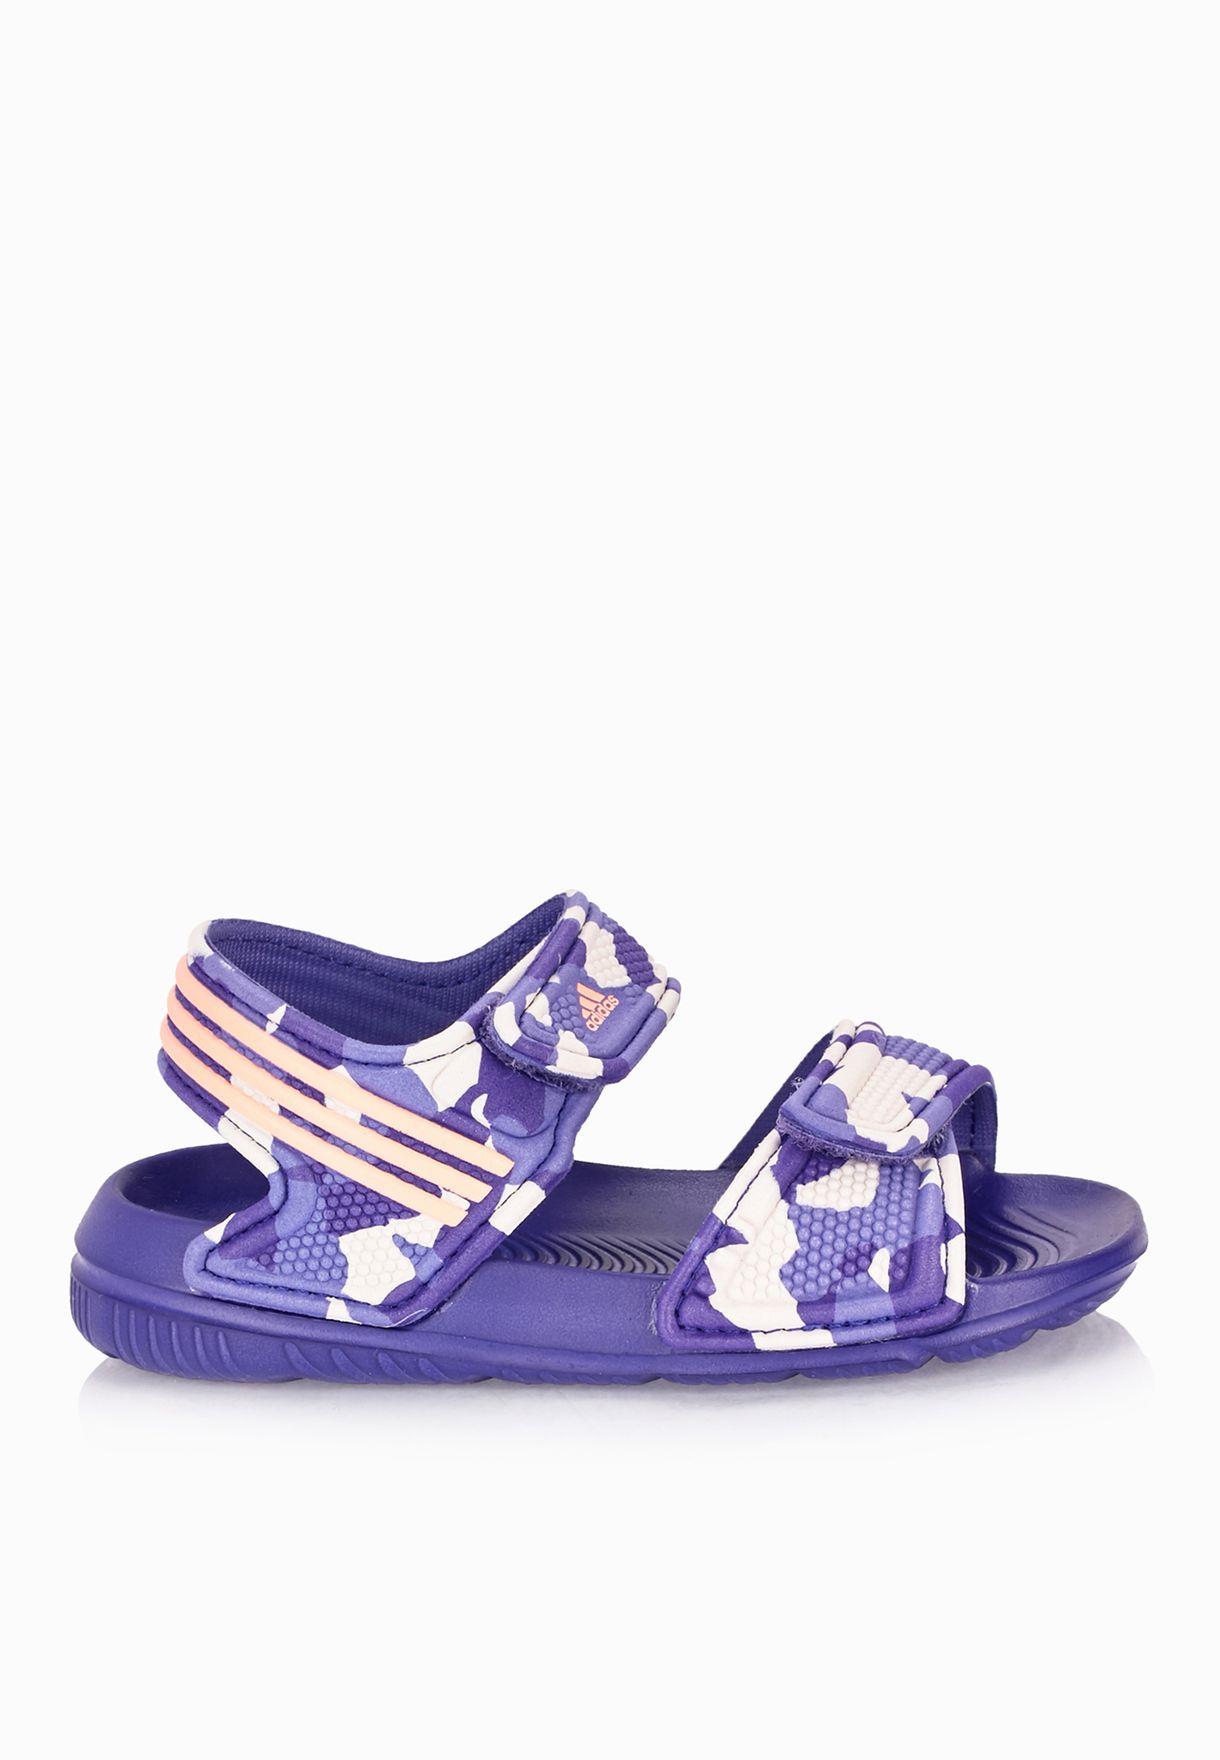 b522d7cae3208e Shop adidas purple Akwah 9 Infant S80524 for Kids in Qatar - AD476SH64PMX